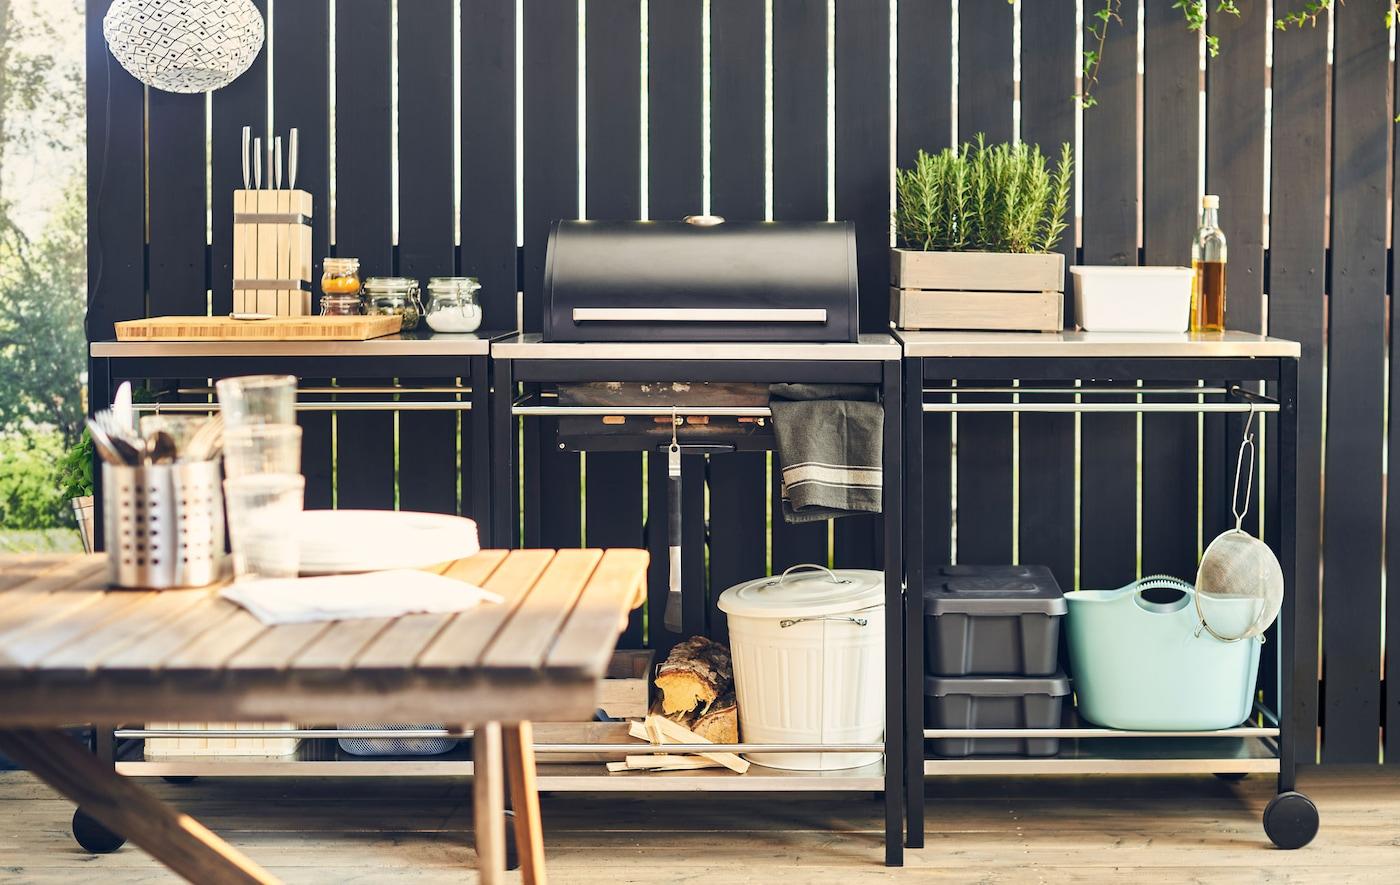 Full Size of Outdoor Küche Ikea Kche Planen Tipps Tricks Deutschland Einbauküche Kaufen Bodenbeläge Weisse Landhausküche Klapptisch Miele Gebrauchte Pendelleuchte Wohnzimmer Outdoor Küche Ikea